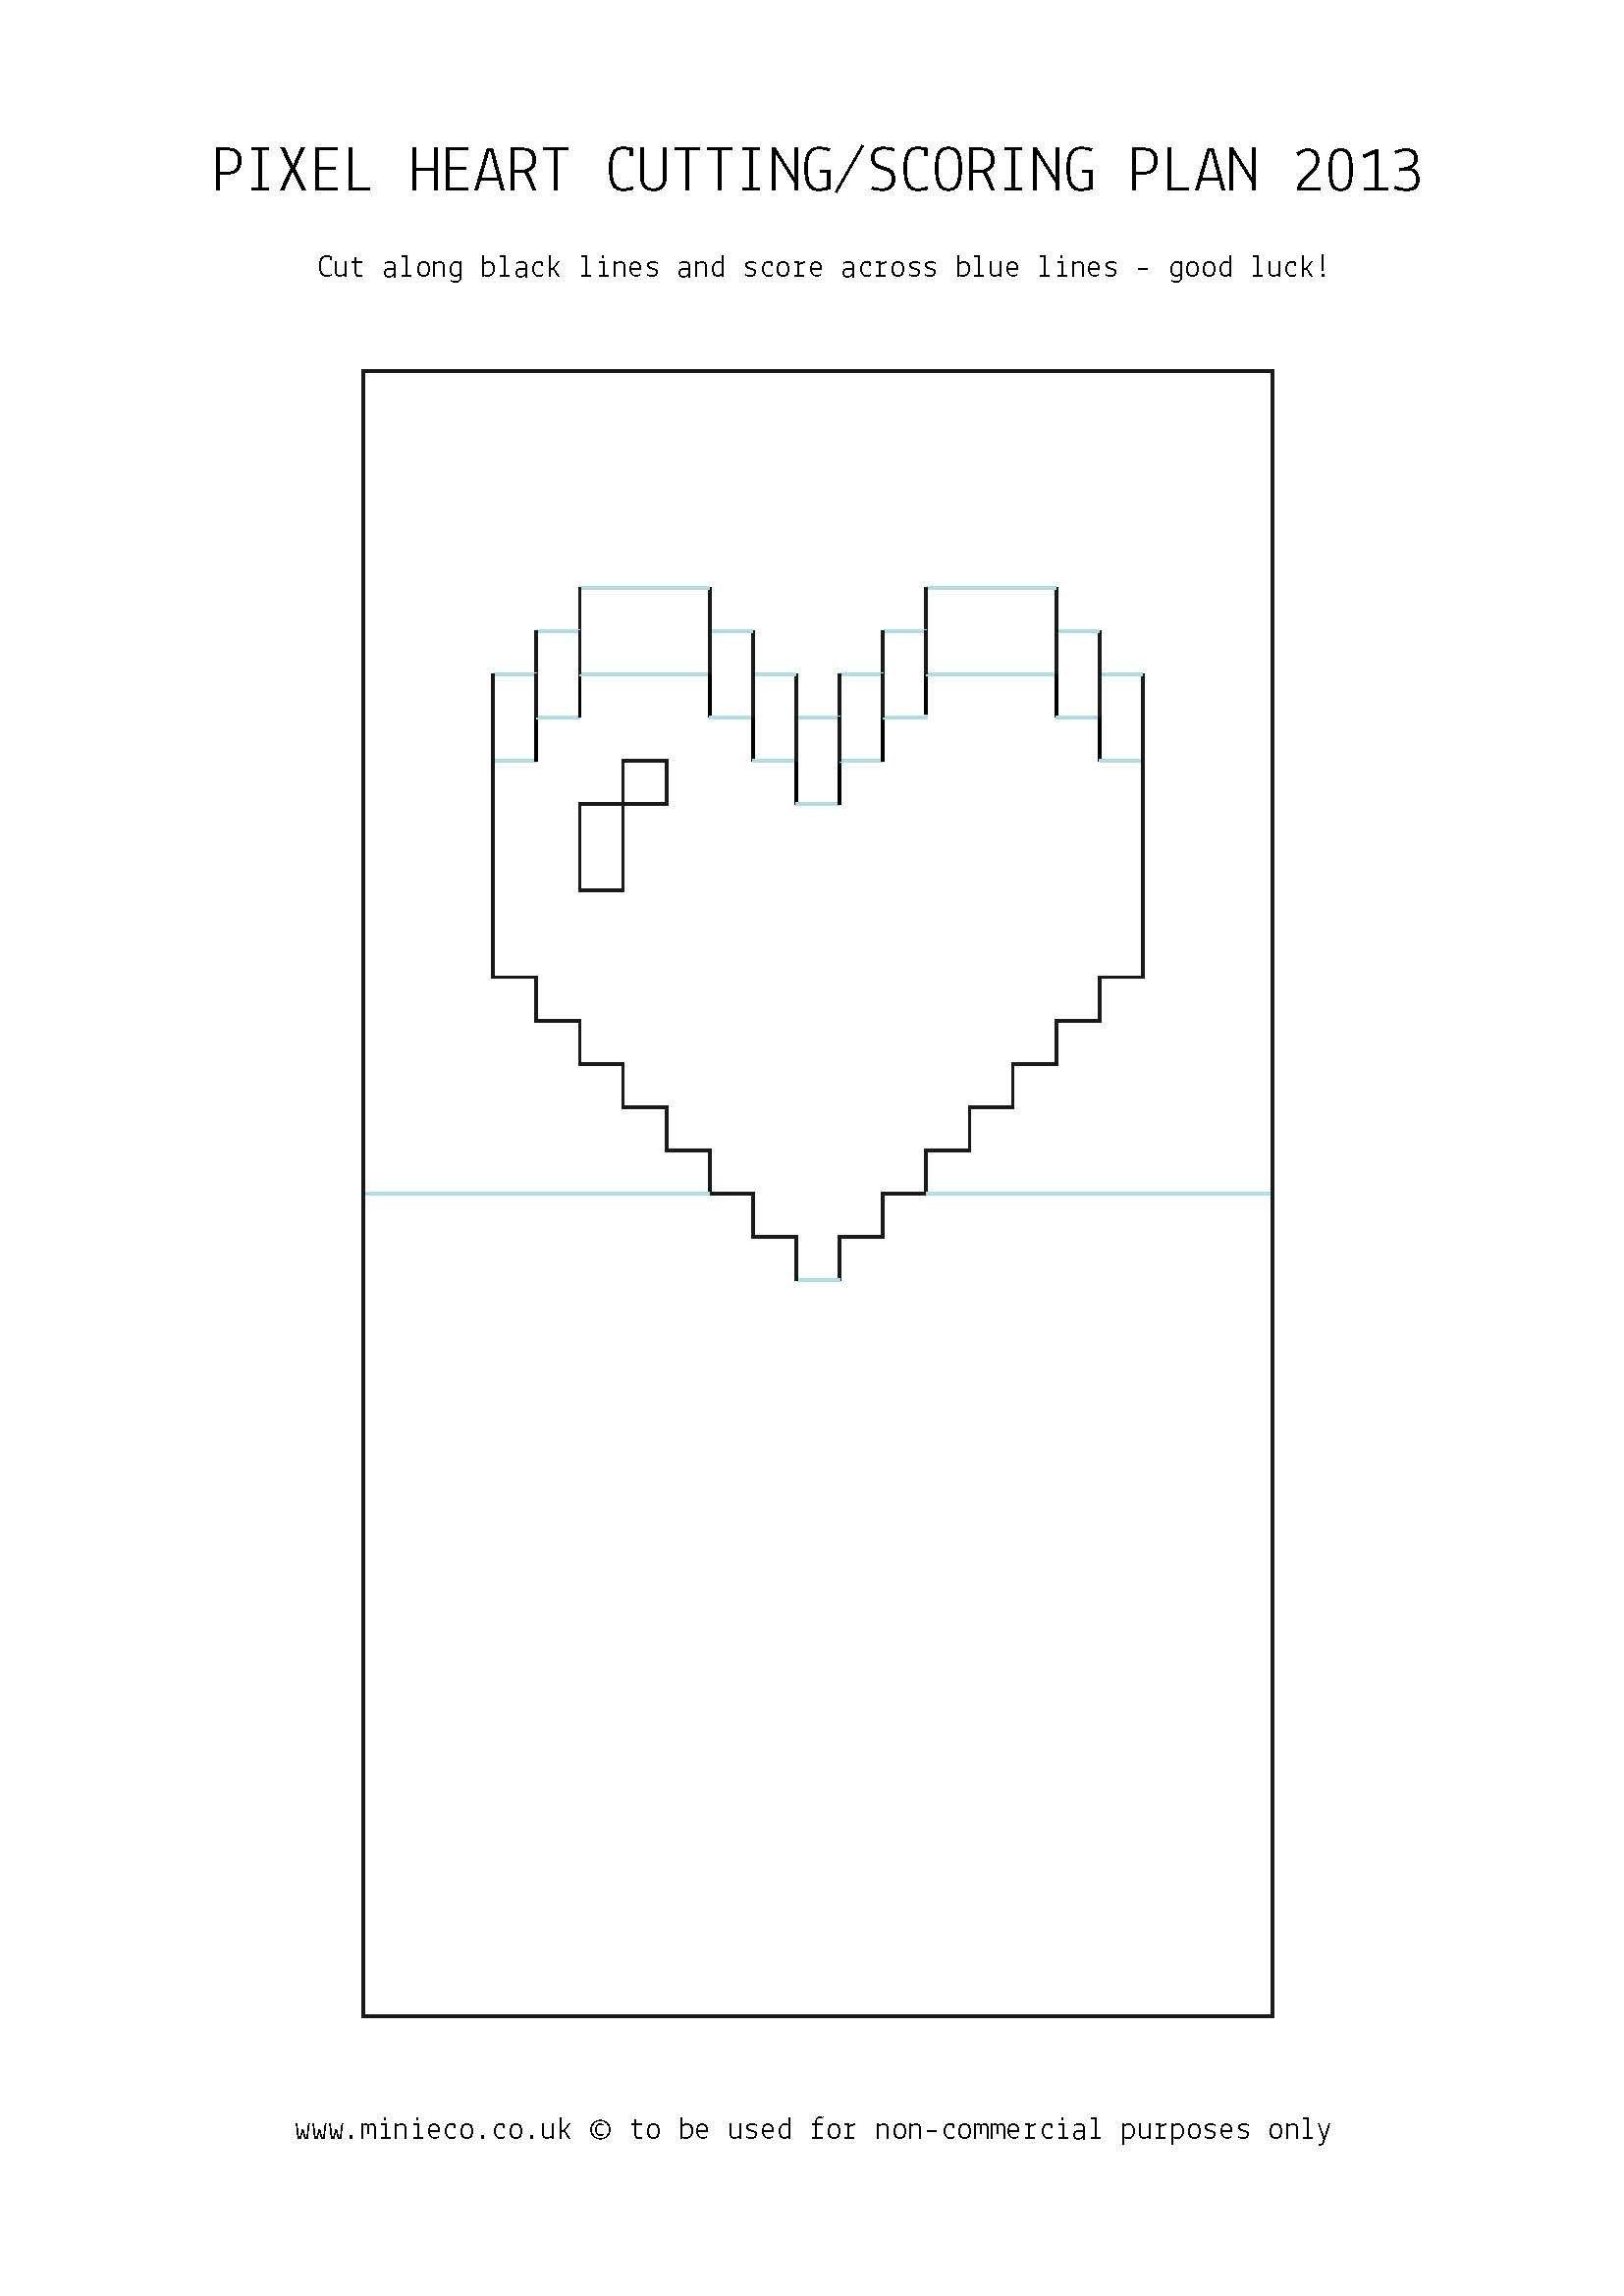 Pixel Heart Pop Up Card Pop Up Card Templates Heart Pop In Pixel Heart Pop Up Card Template Cumed Org Heart Pop Up Card Pop Up Card Templates Pixel Heart